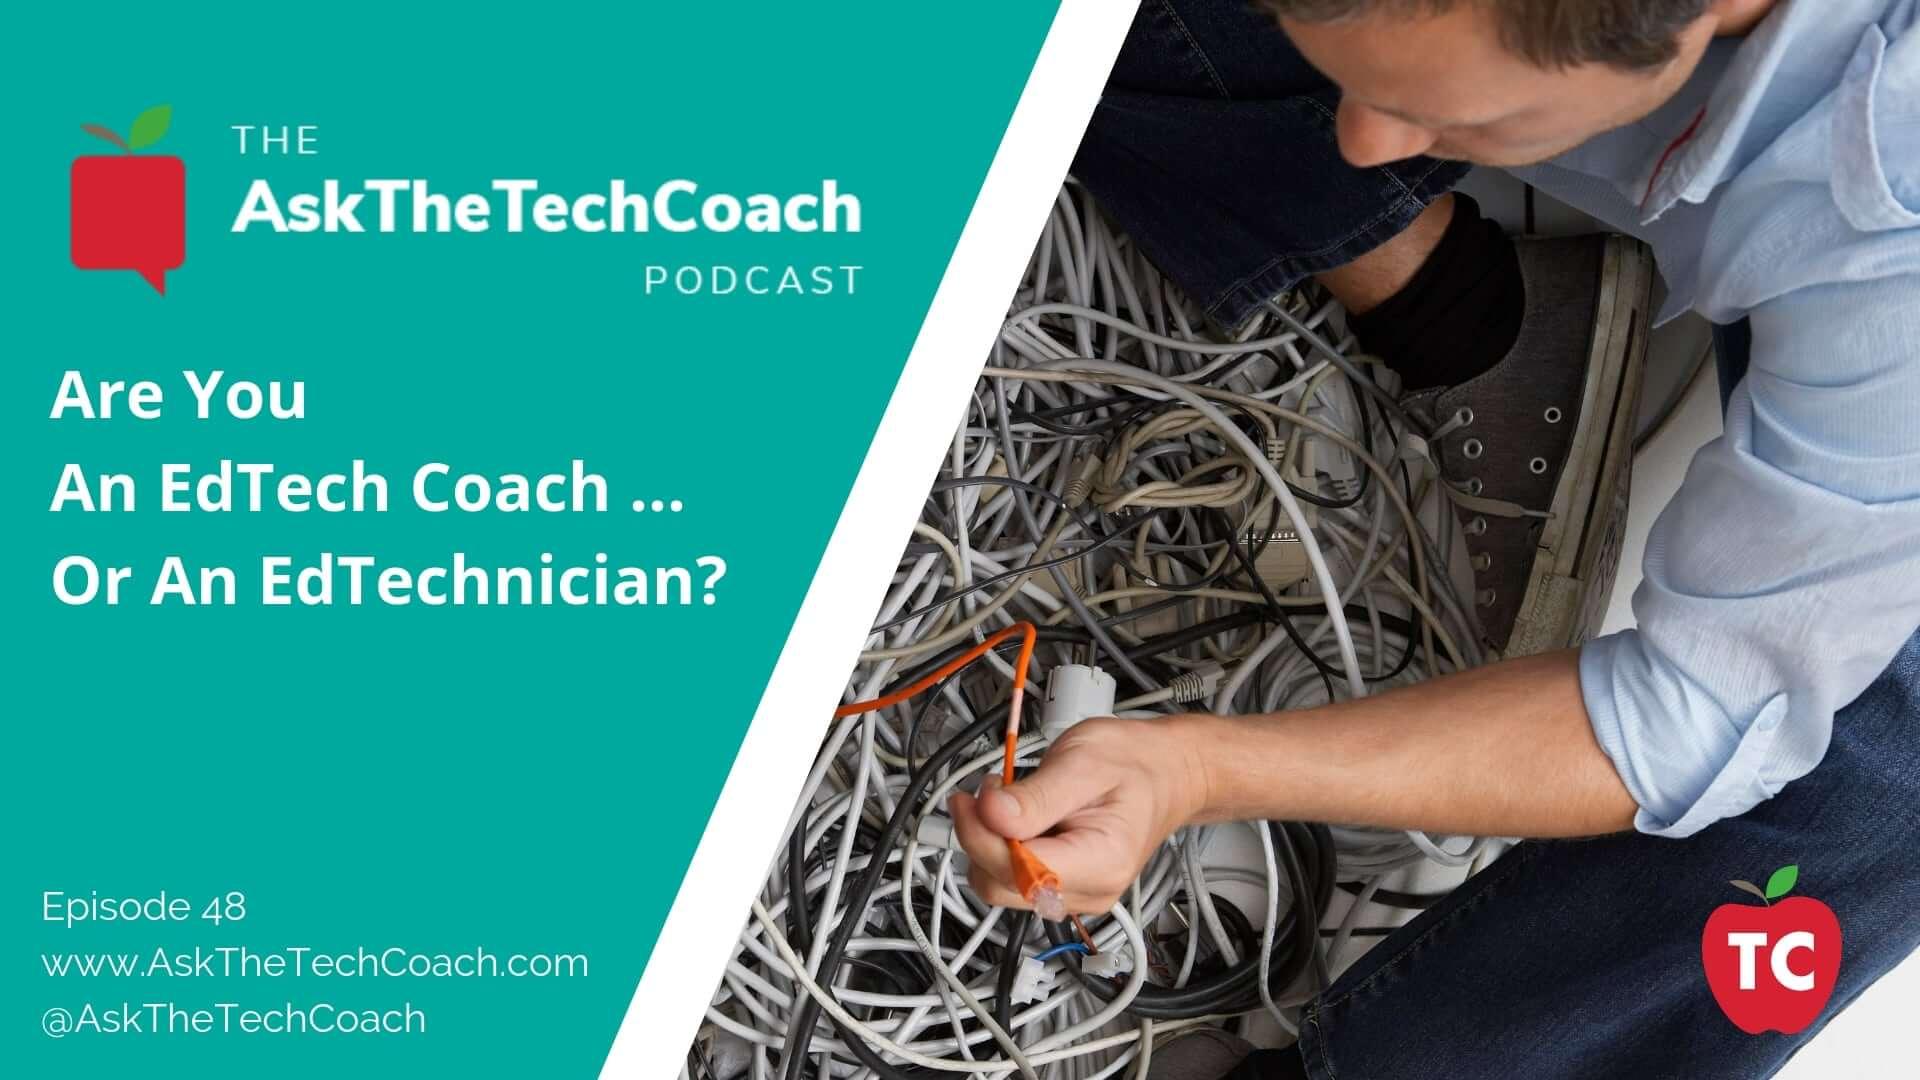 Are You An Edtech Coach?